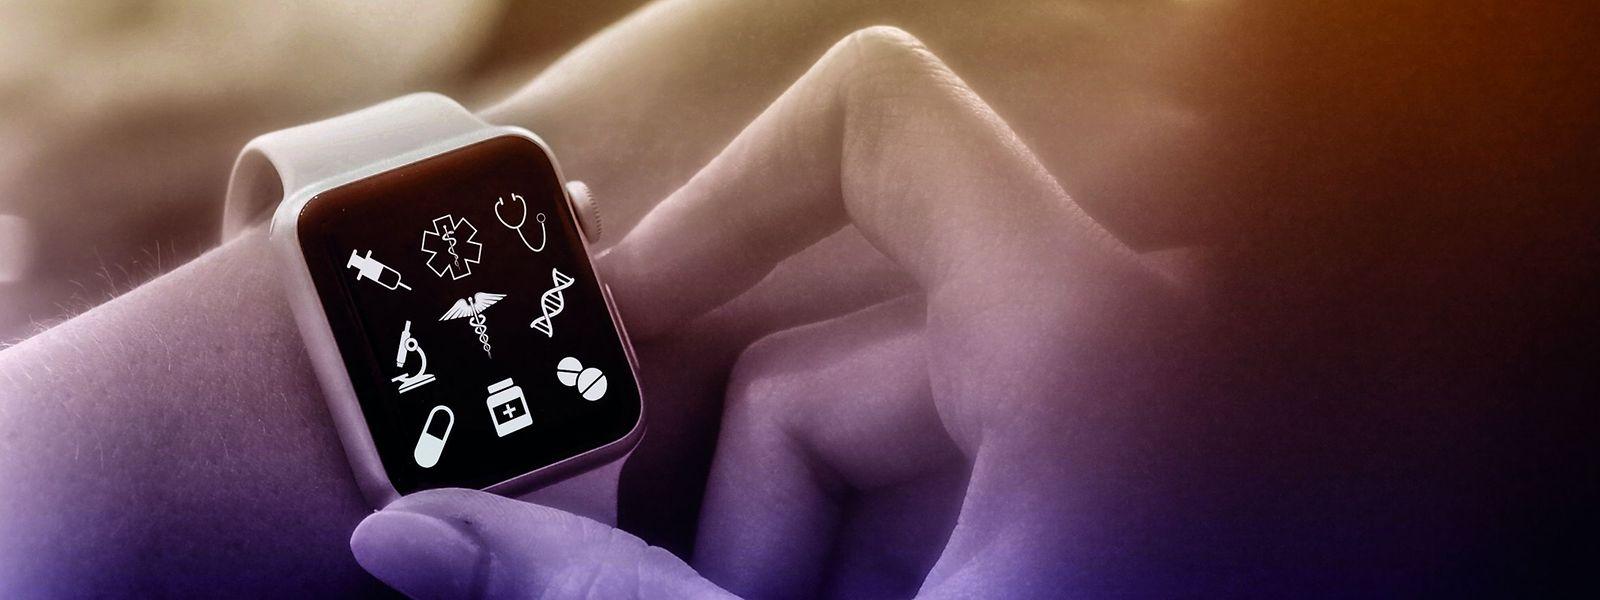 Smart Devices der nahen Zukunft werden weit mehr als nur Herz- und Glukosewerte erfassen können.